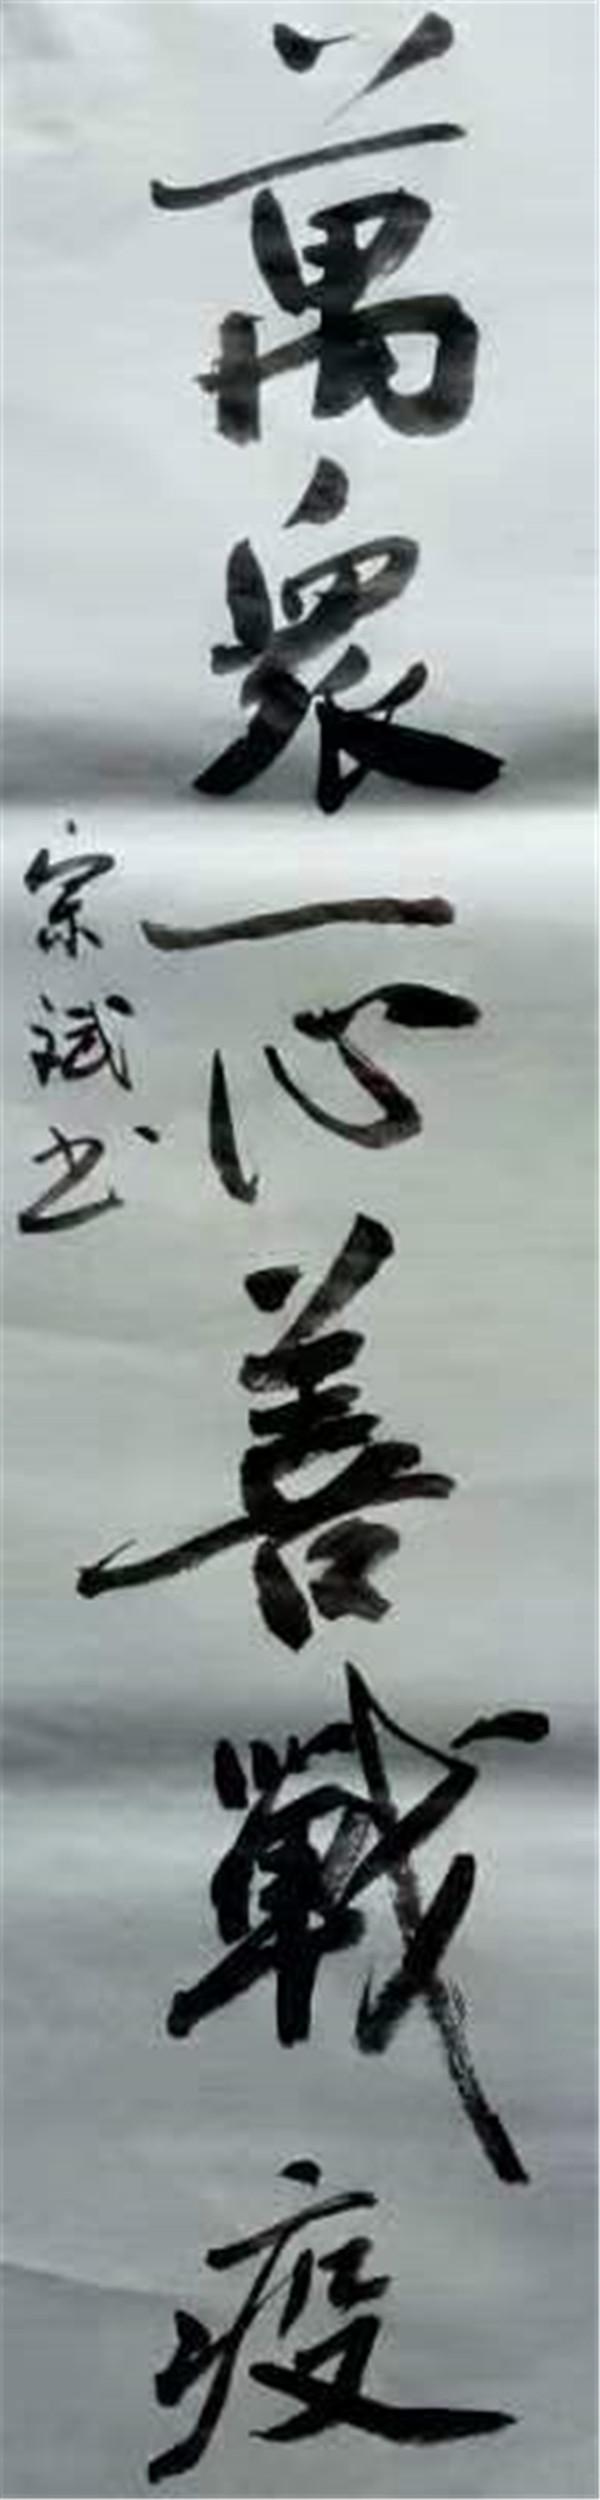 作者:蒋宗斌